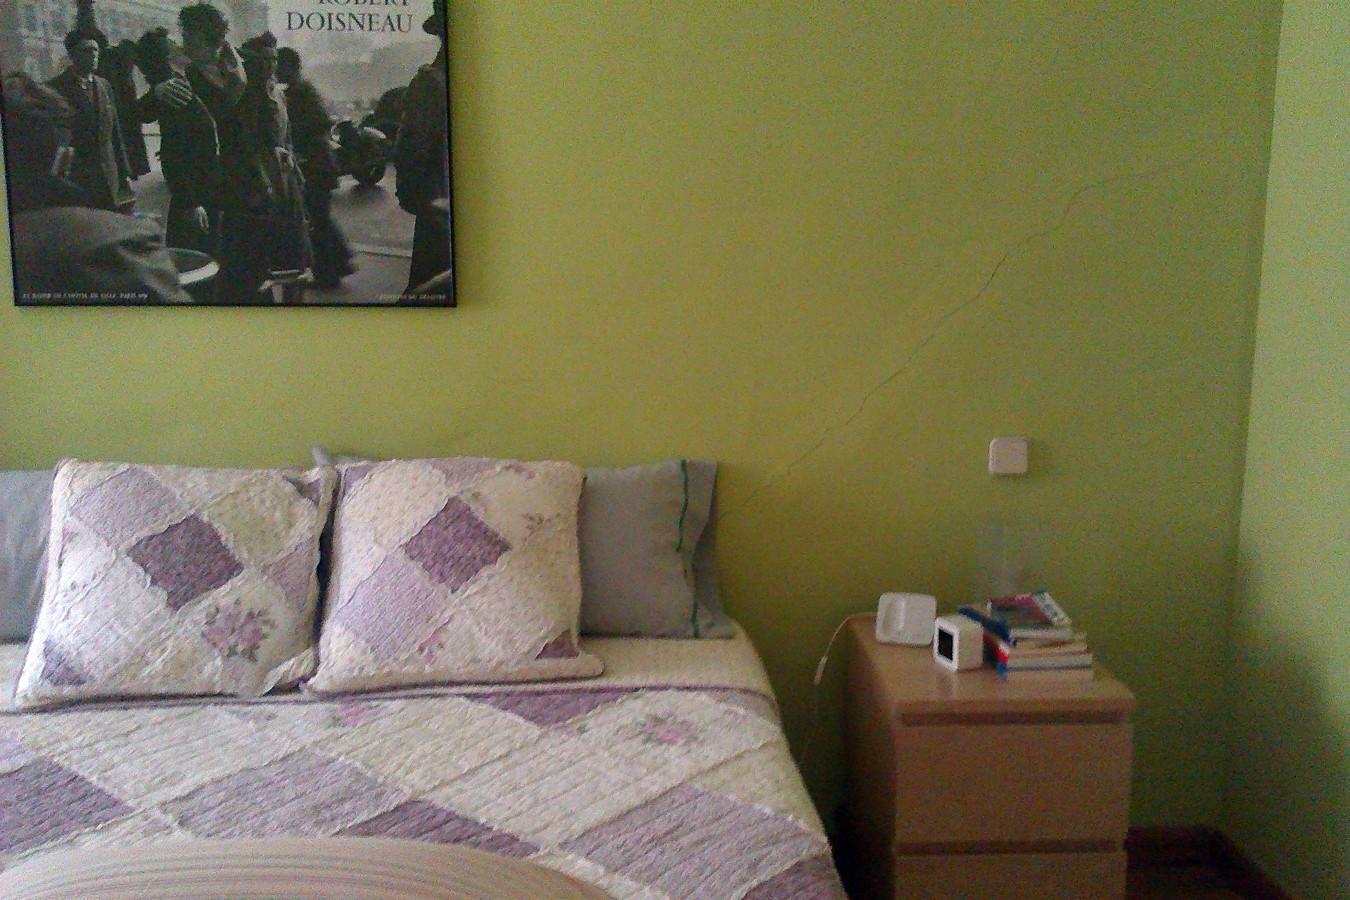 Pintar o recubrir pared dormitorio cabecero polipiel - Pintar pared dormitorio ...